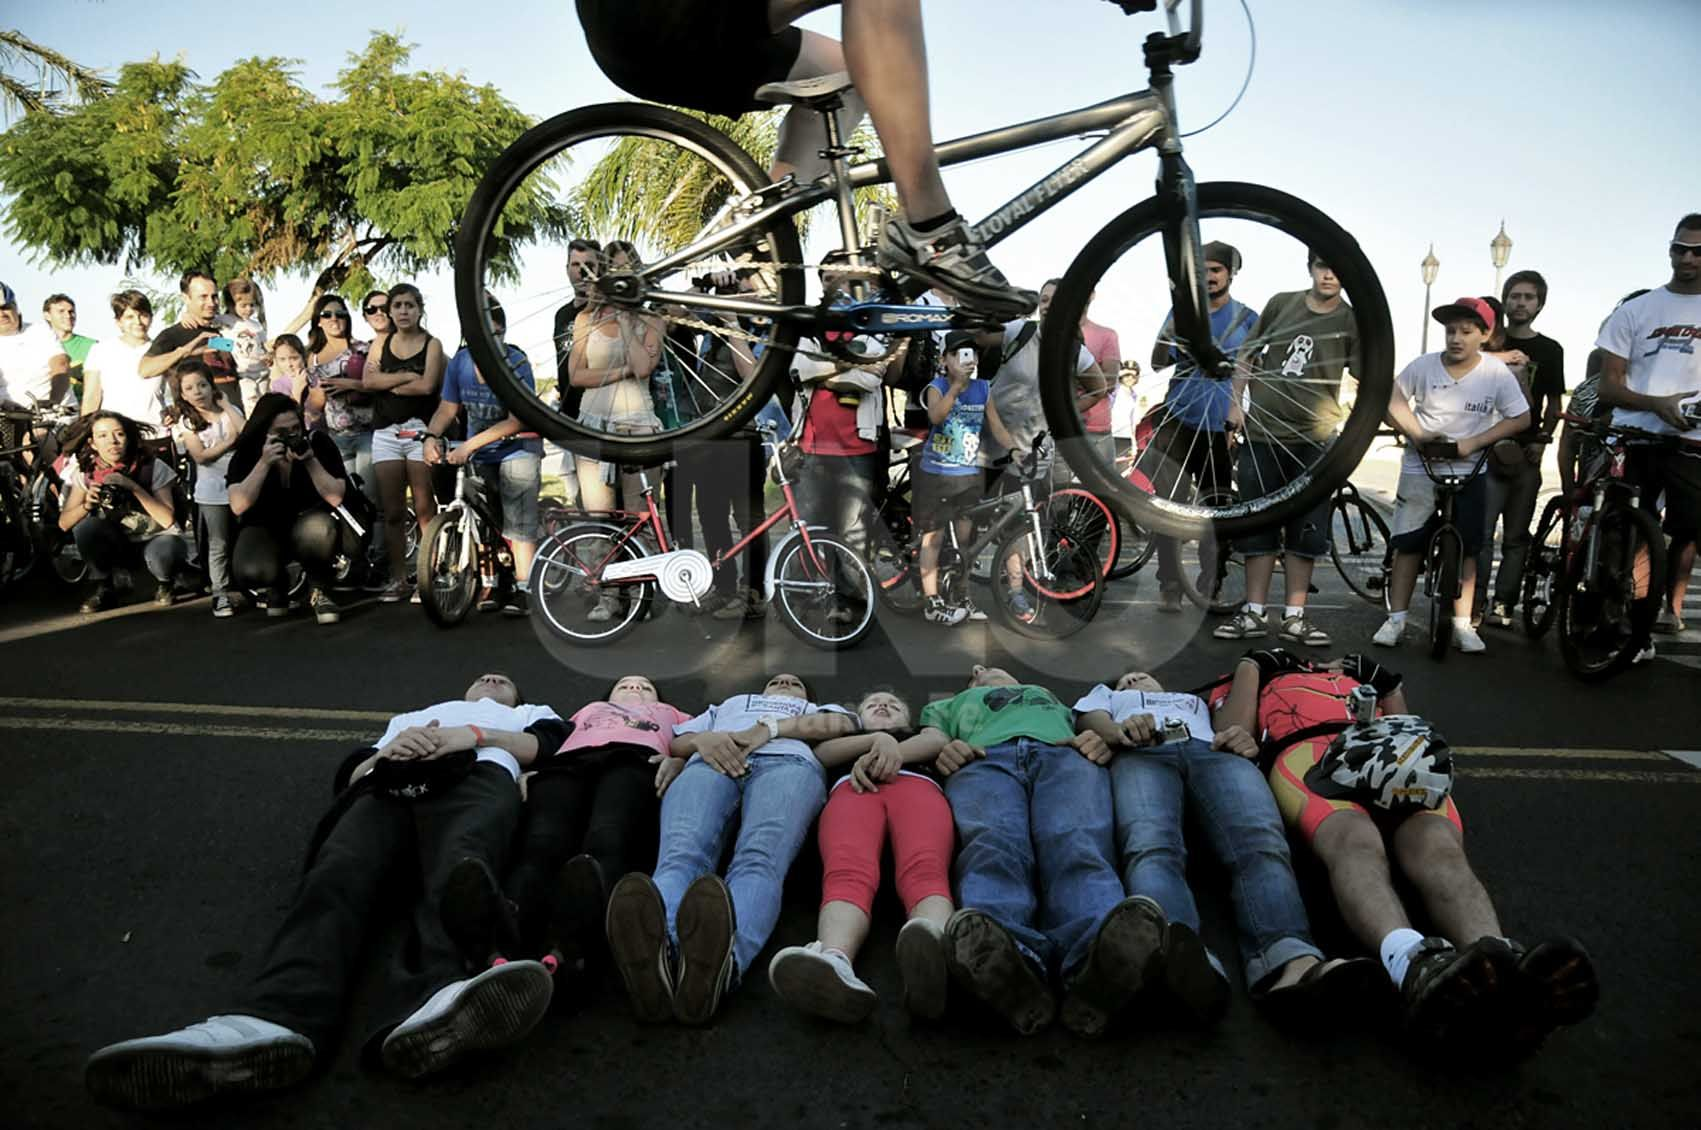 Pedaleada. Los ciclistas podrán circular por el Puente Colgante / Foto: Juan Manuel Baialardo - Uno Santa Fe